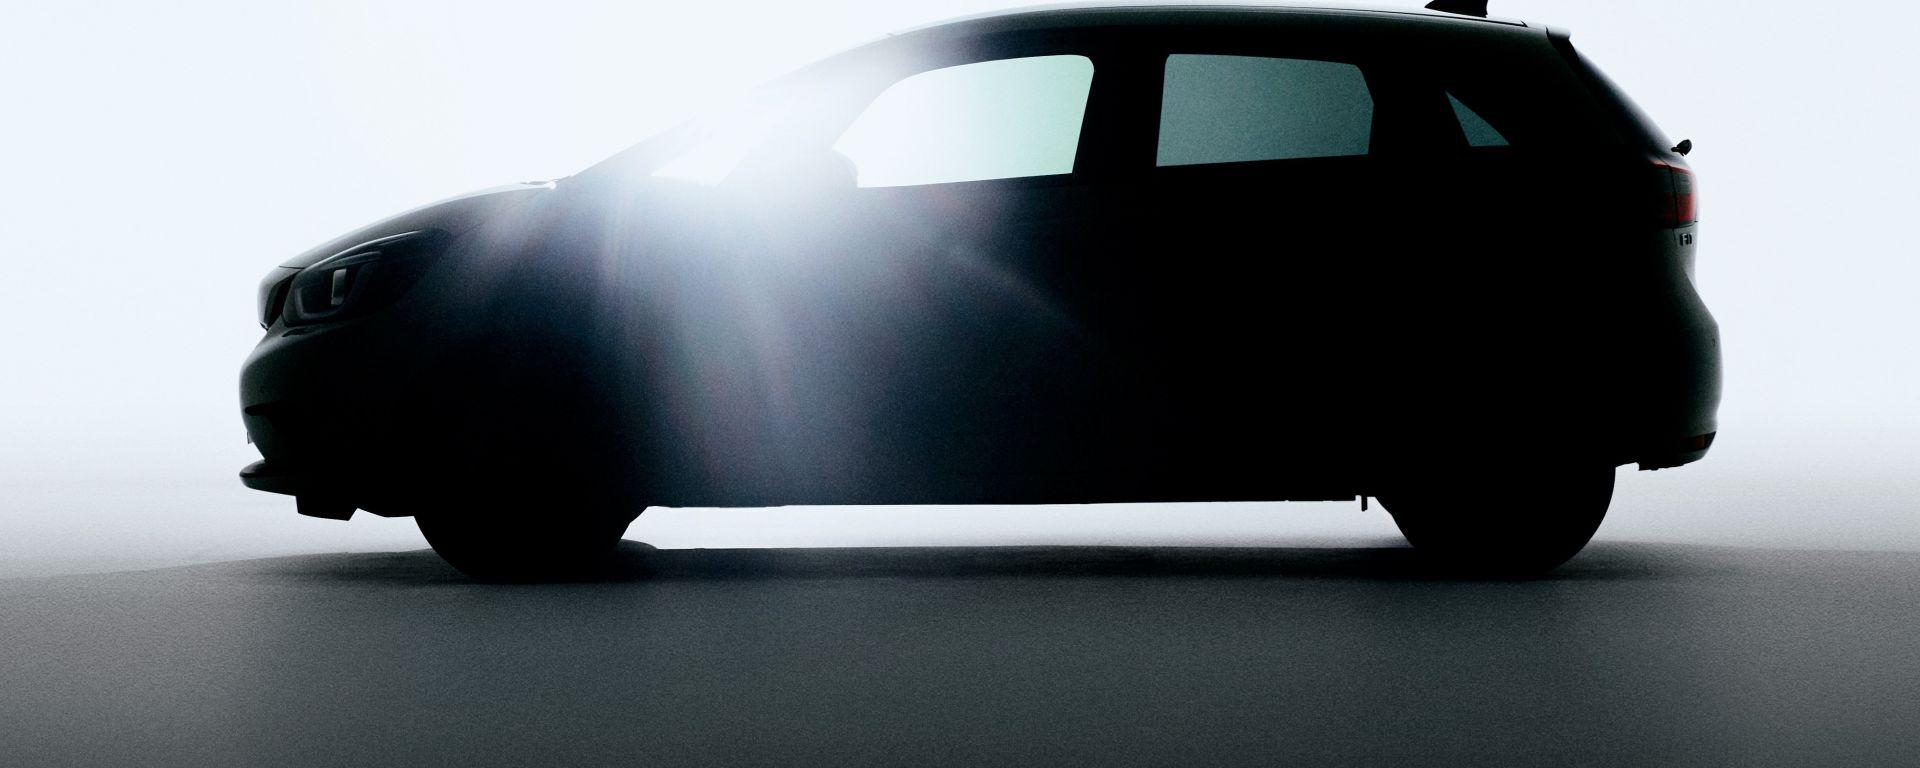 Nuova Honda Jazz 2020, un teaser prima del debutto